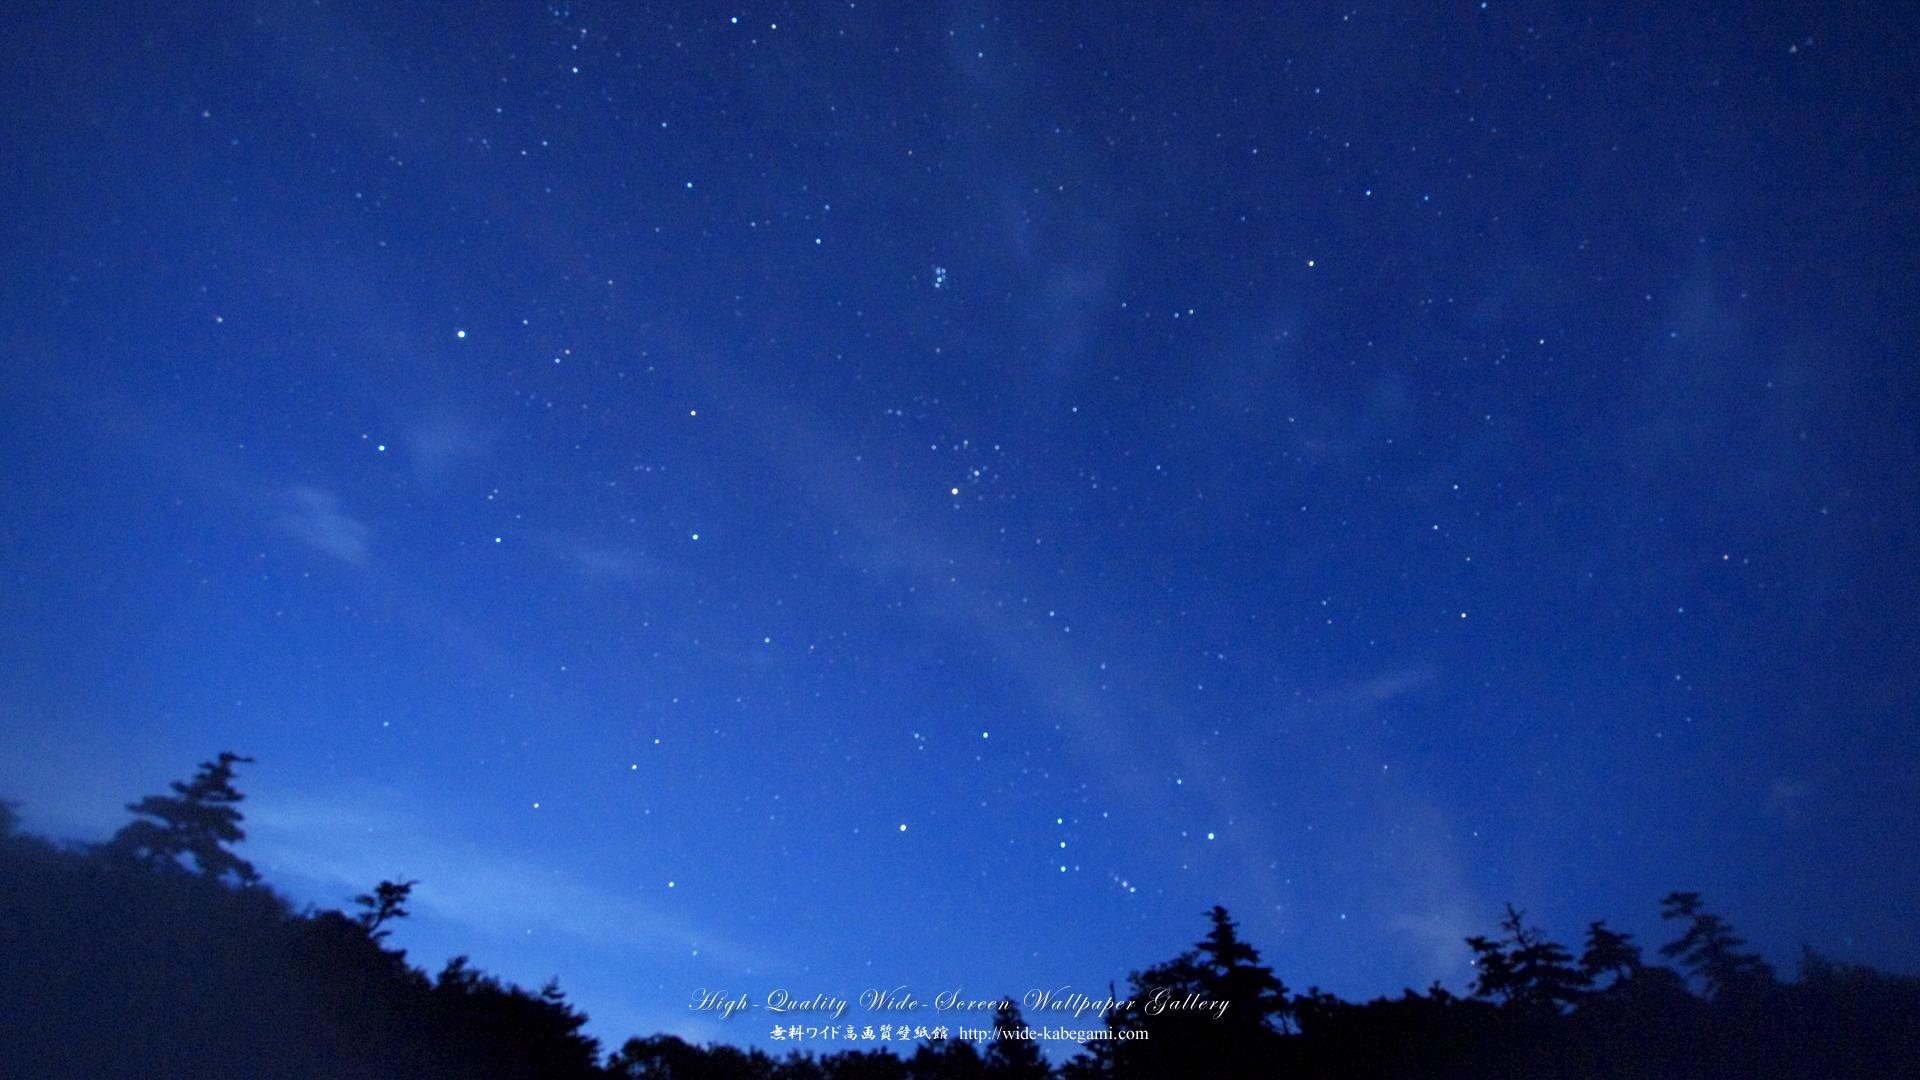 自然風景のワイド壁紙 1920x1080 星降る空 無料ワイド高画質壁紙館